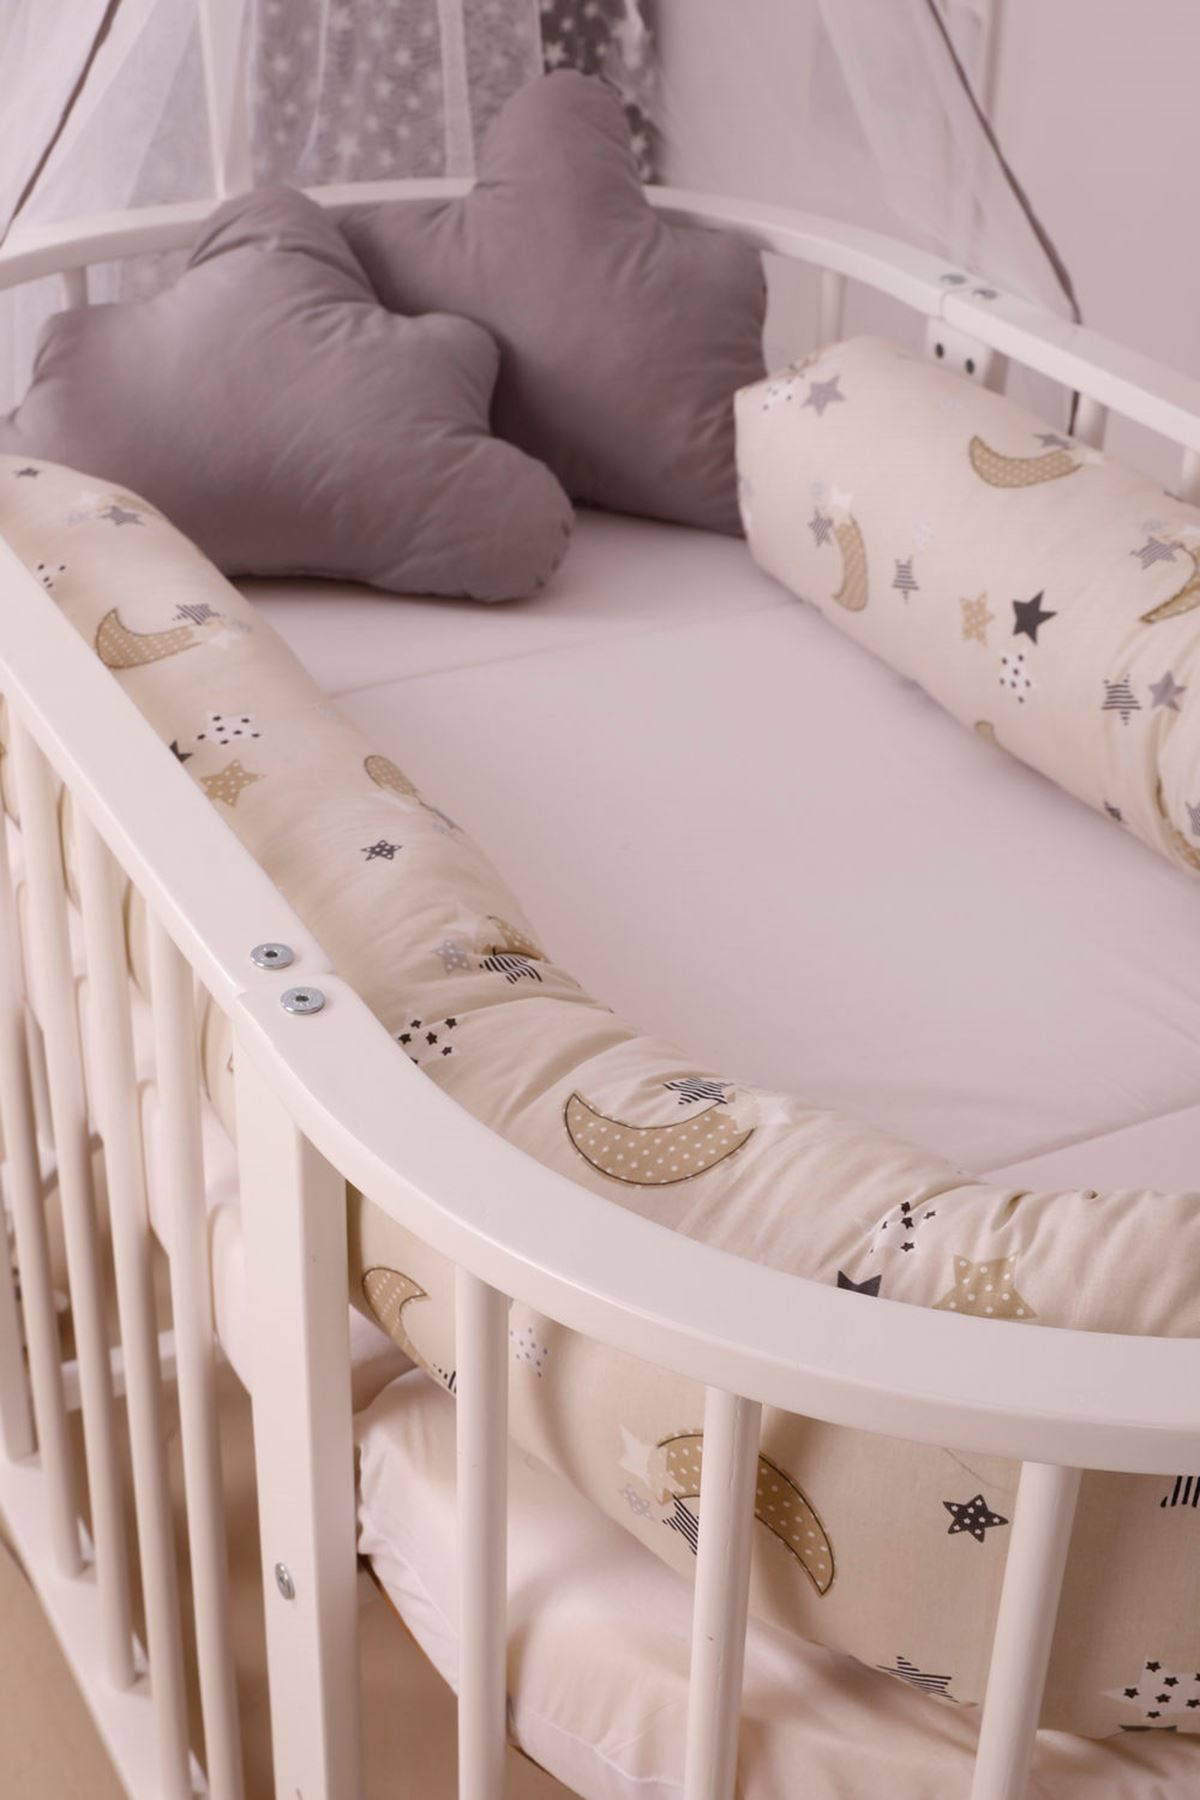 سرير خشبي مستطيل 5 سنوات ضانتيل كريم عادي